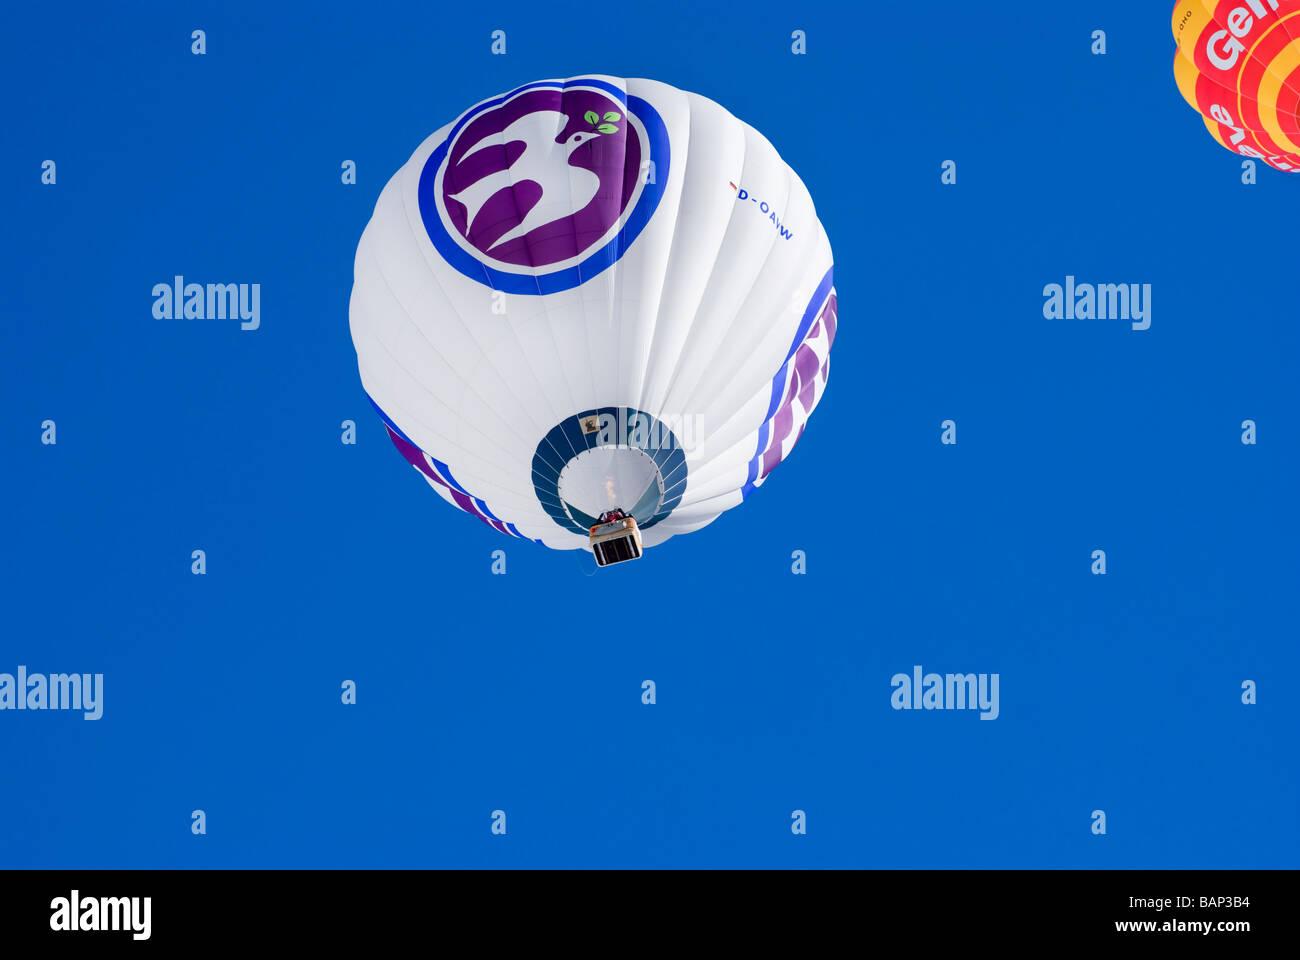 Ballons à air chaud s'élevant dans le ciel bleu clair au 2009 Chateau d oex montgolfières Banque D'Images